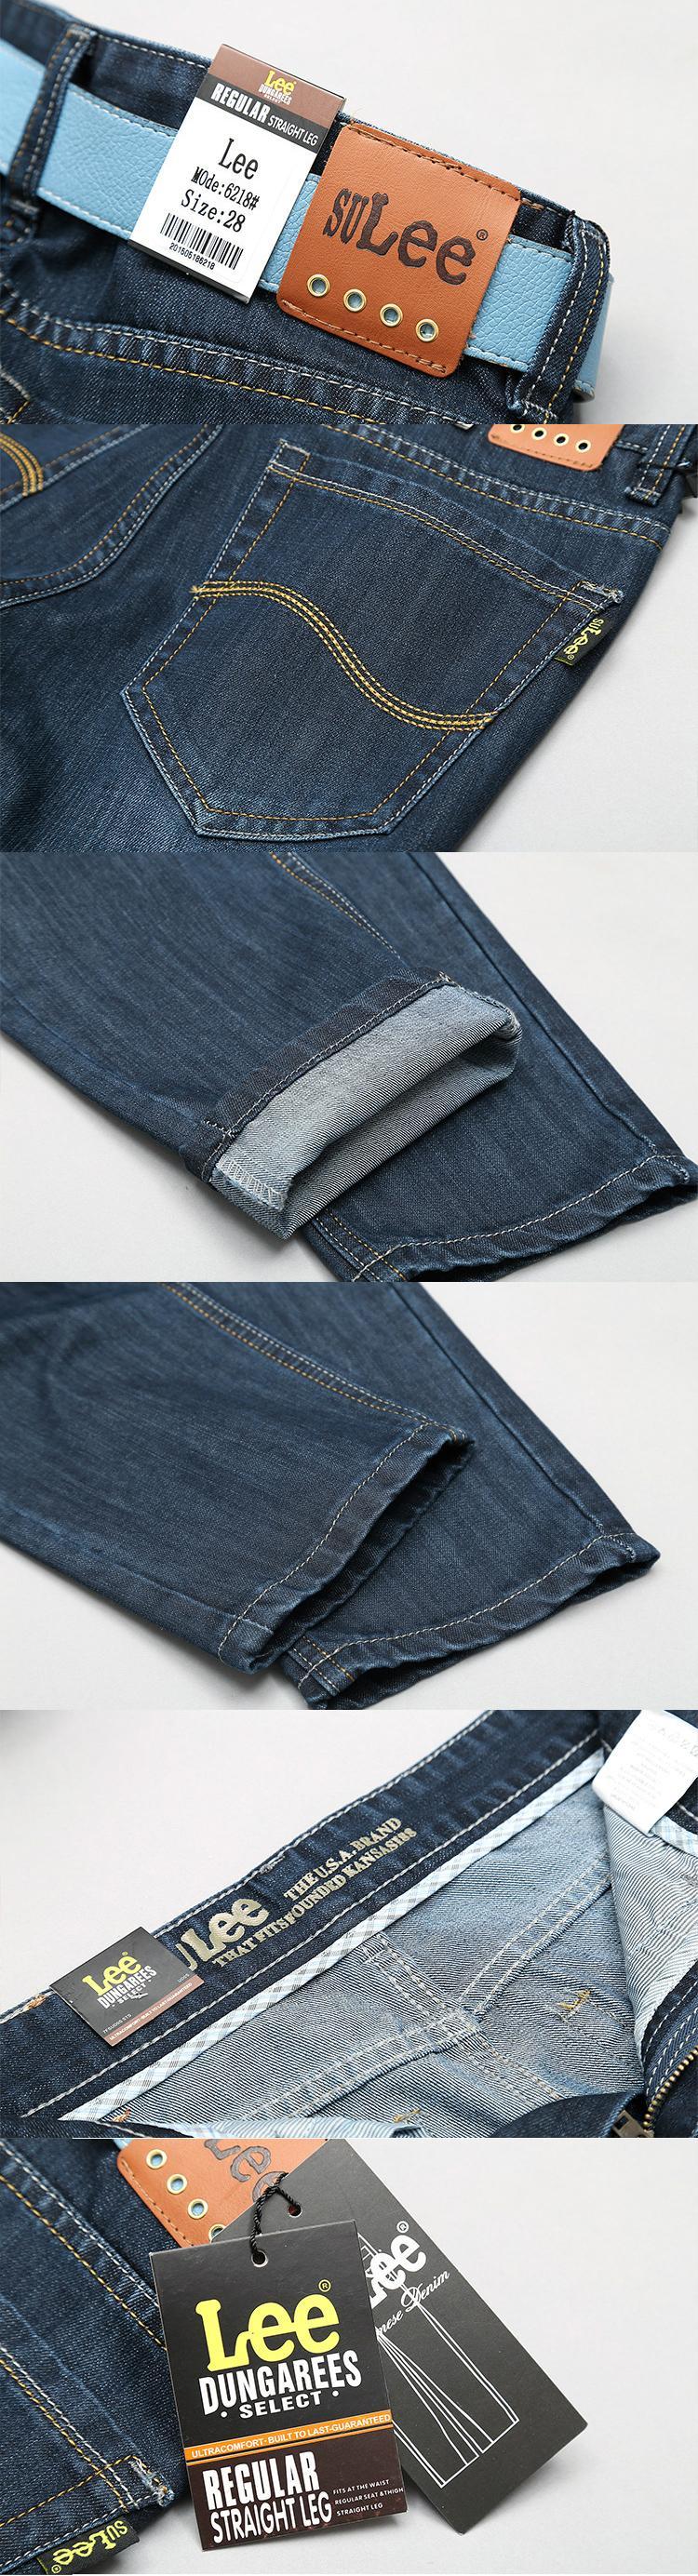 Скидки на SU LEE jeans мужчины зимние джинсы Высокого качества Бренда мужская брюки мужские Большой размер Брюки моды жан робин джинсы мужчин брюки